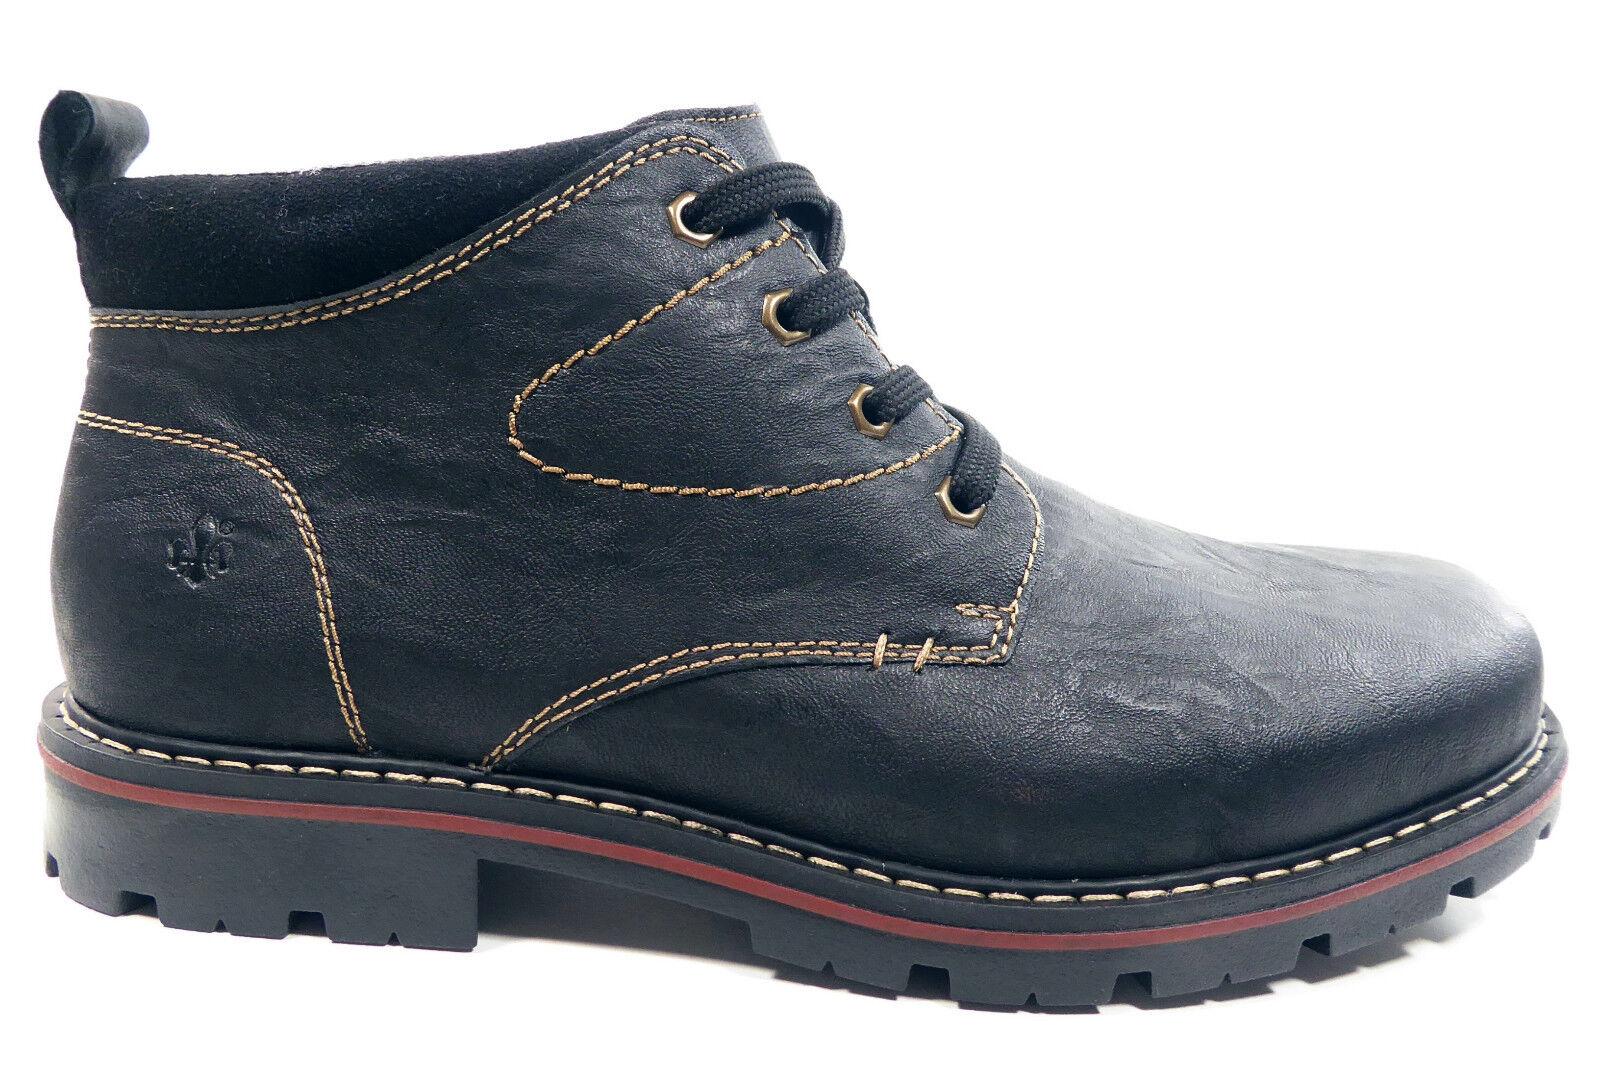 Rieker Herrenhalbschuhe Stiefeletten Boots in Schwarz 37700-01